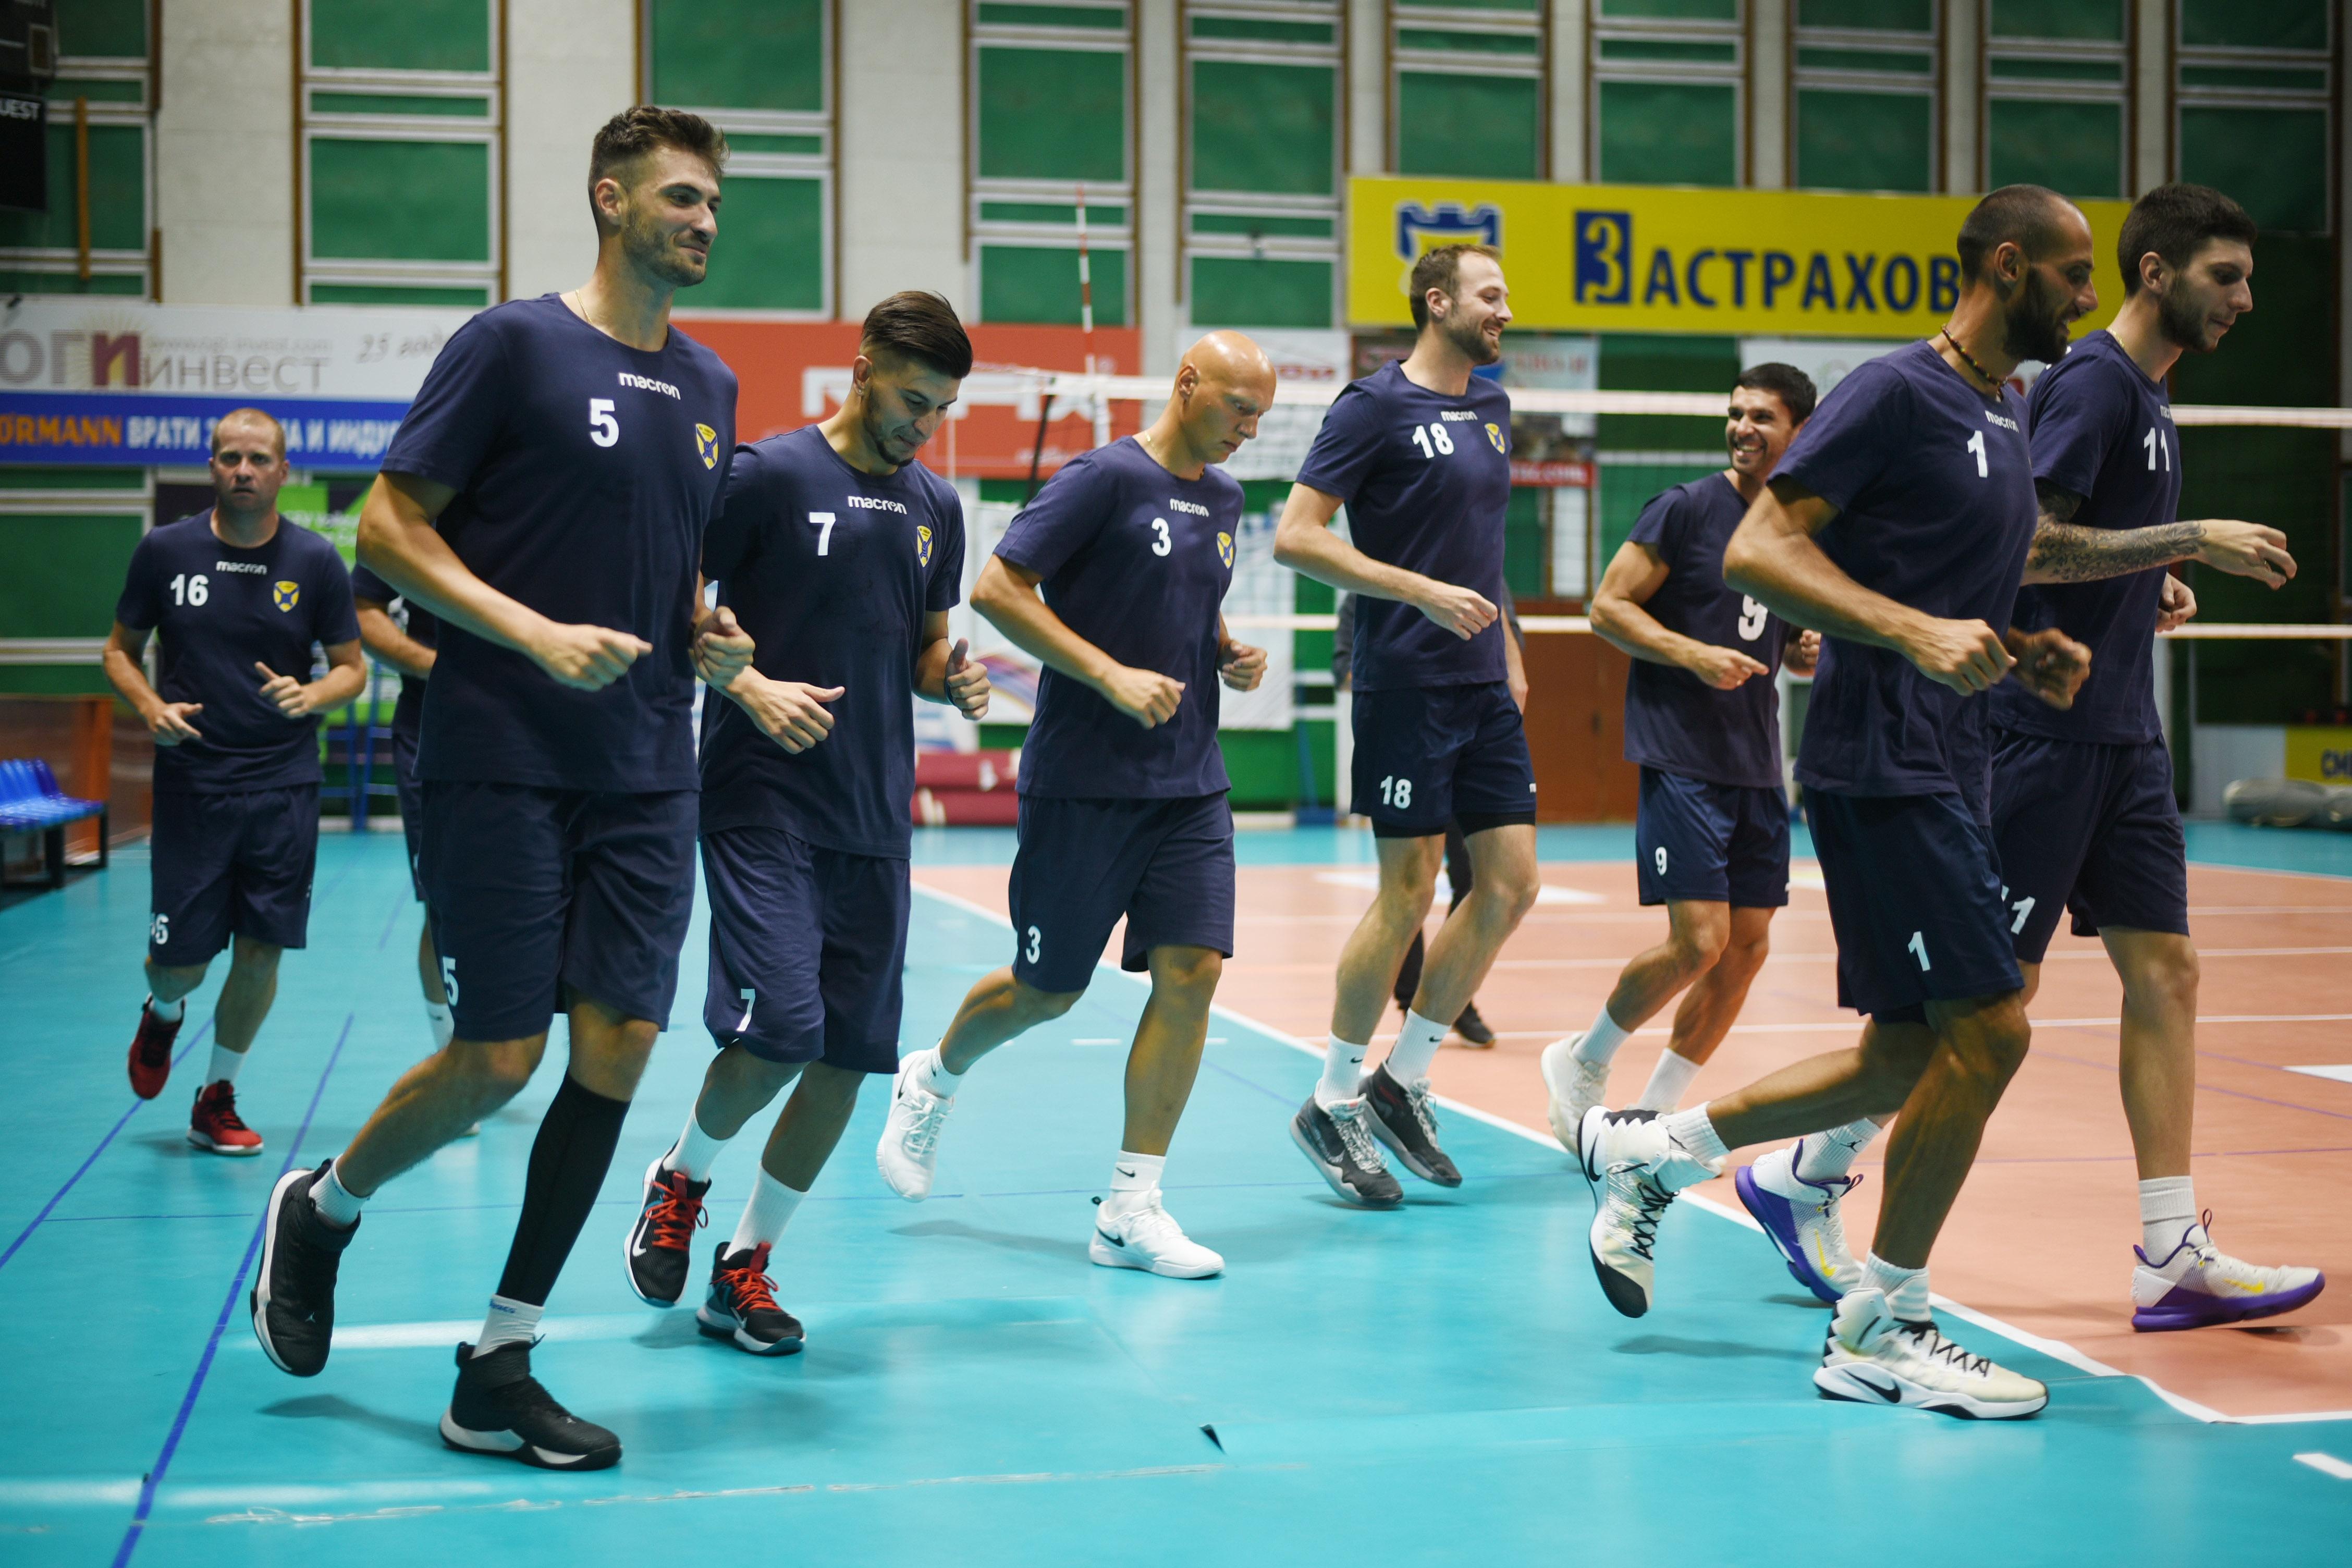 Хебър (Пазарджик) проведе първата си тренировка за новия сезон. Тя